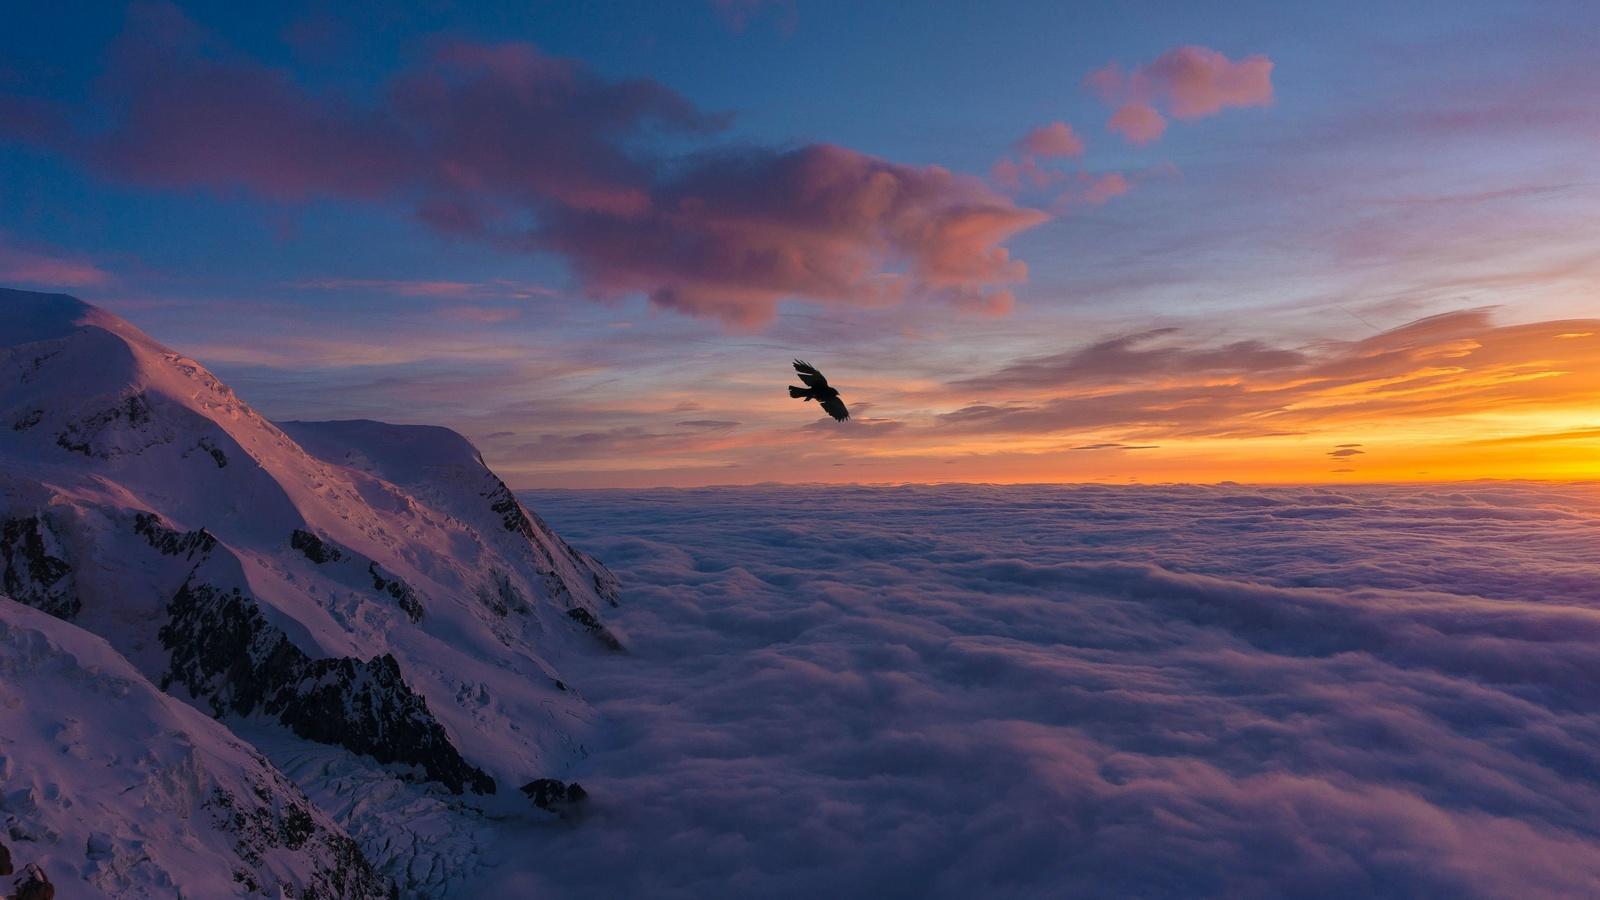 птица, крылья, облака, полёт, закат